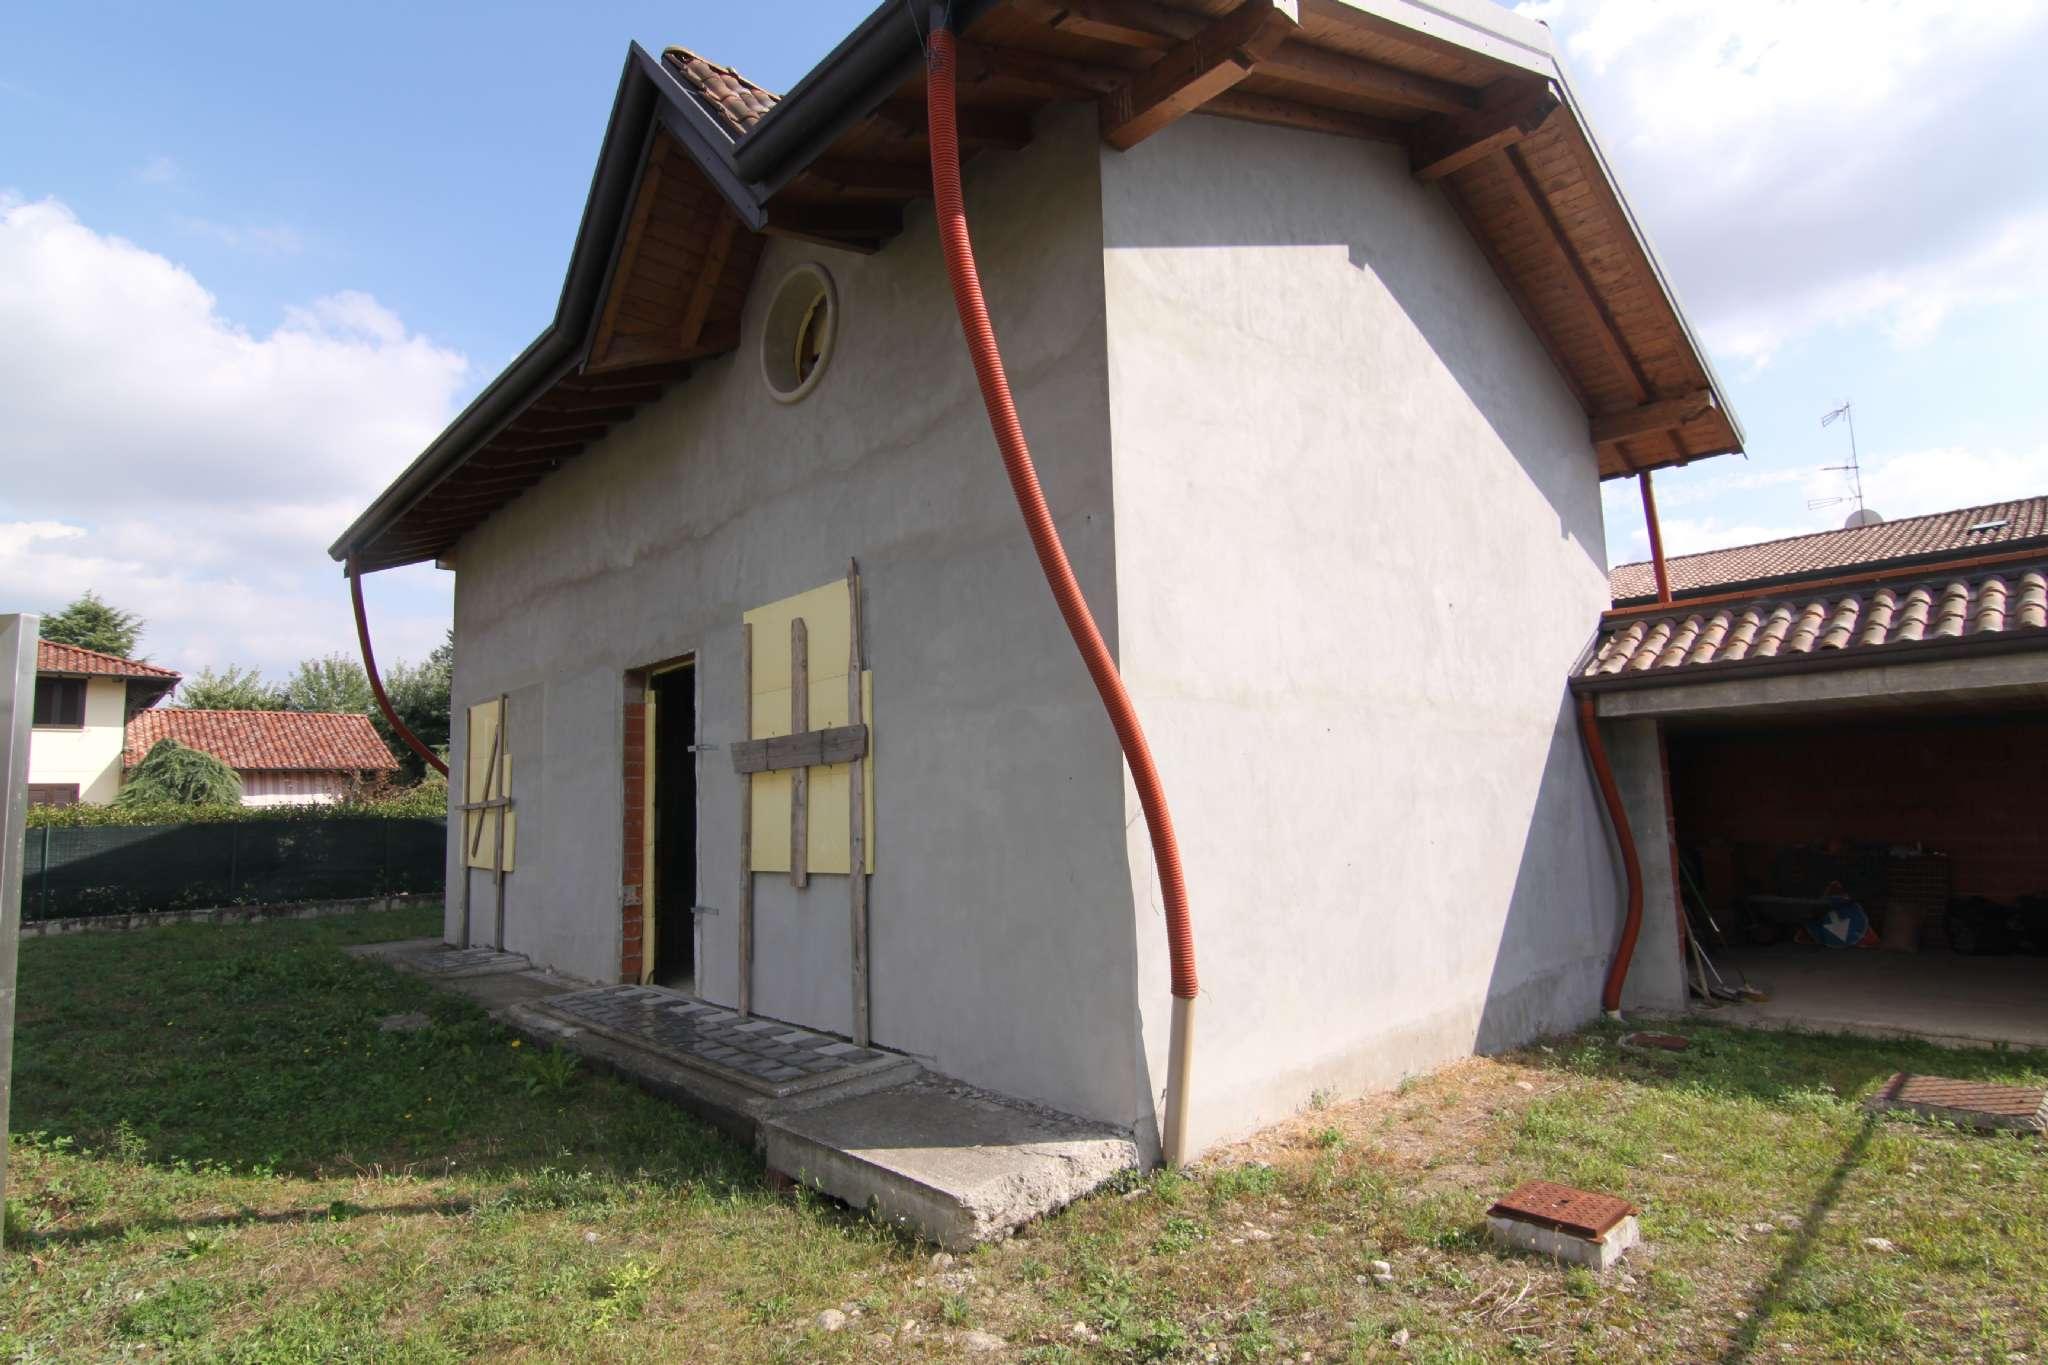 Villa in vendita a Lonate Pozzolo, 4 locali, prezzo € 135.000 | CambioCasa.it